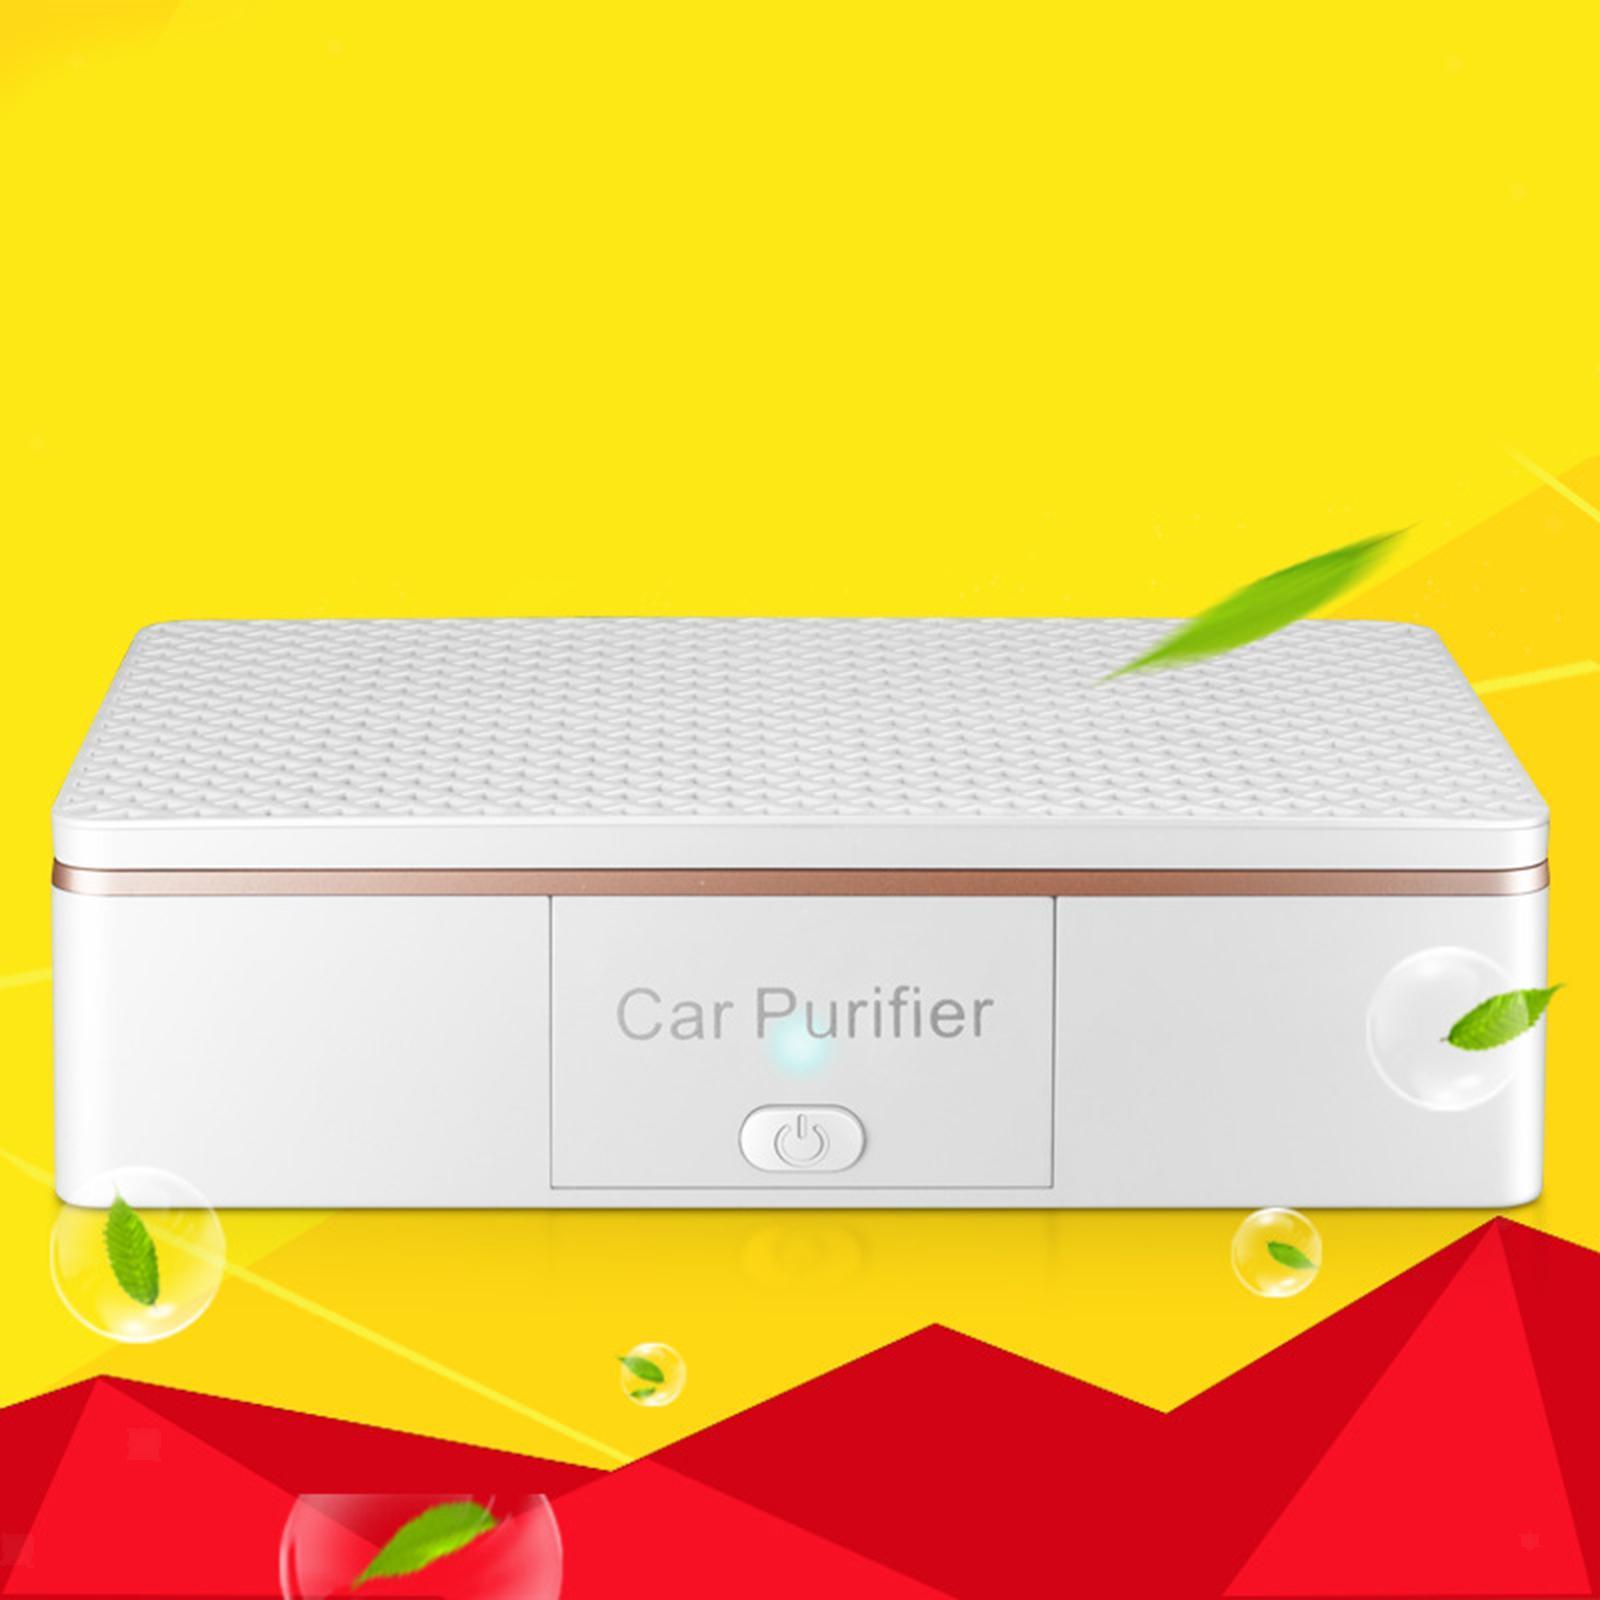 Indexbild 8 - Auto Air Purifier Luft Reiniger Deodorizer Ionisator für Home Office